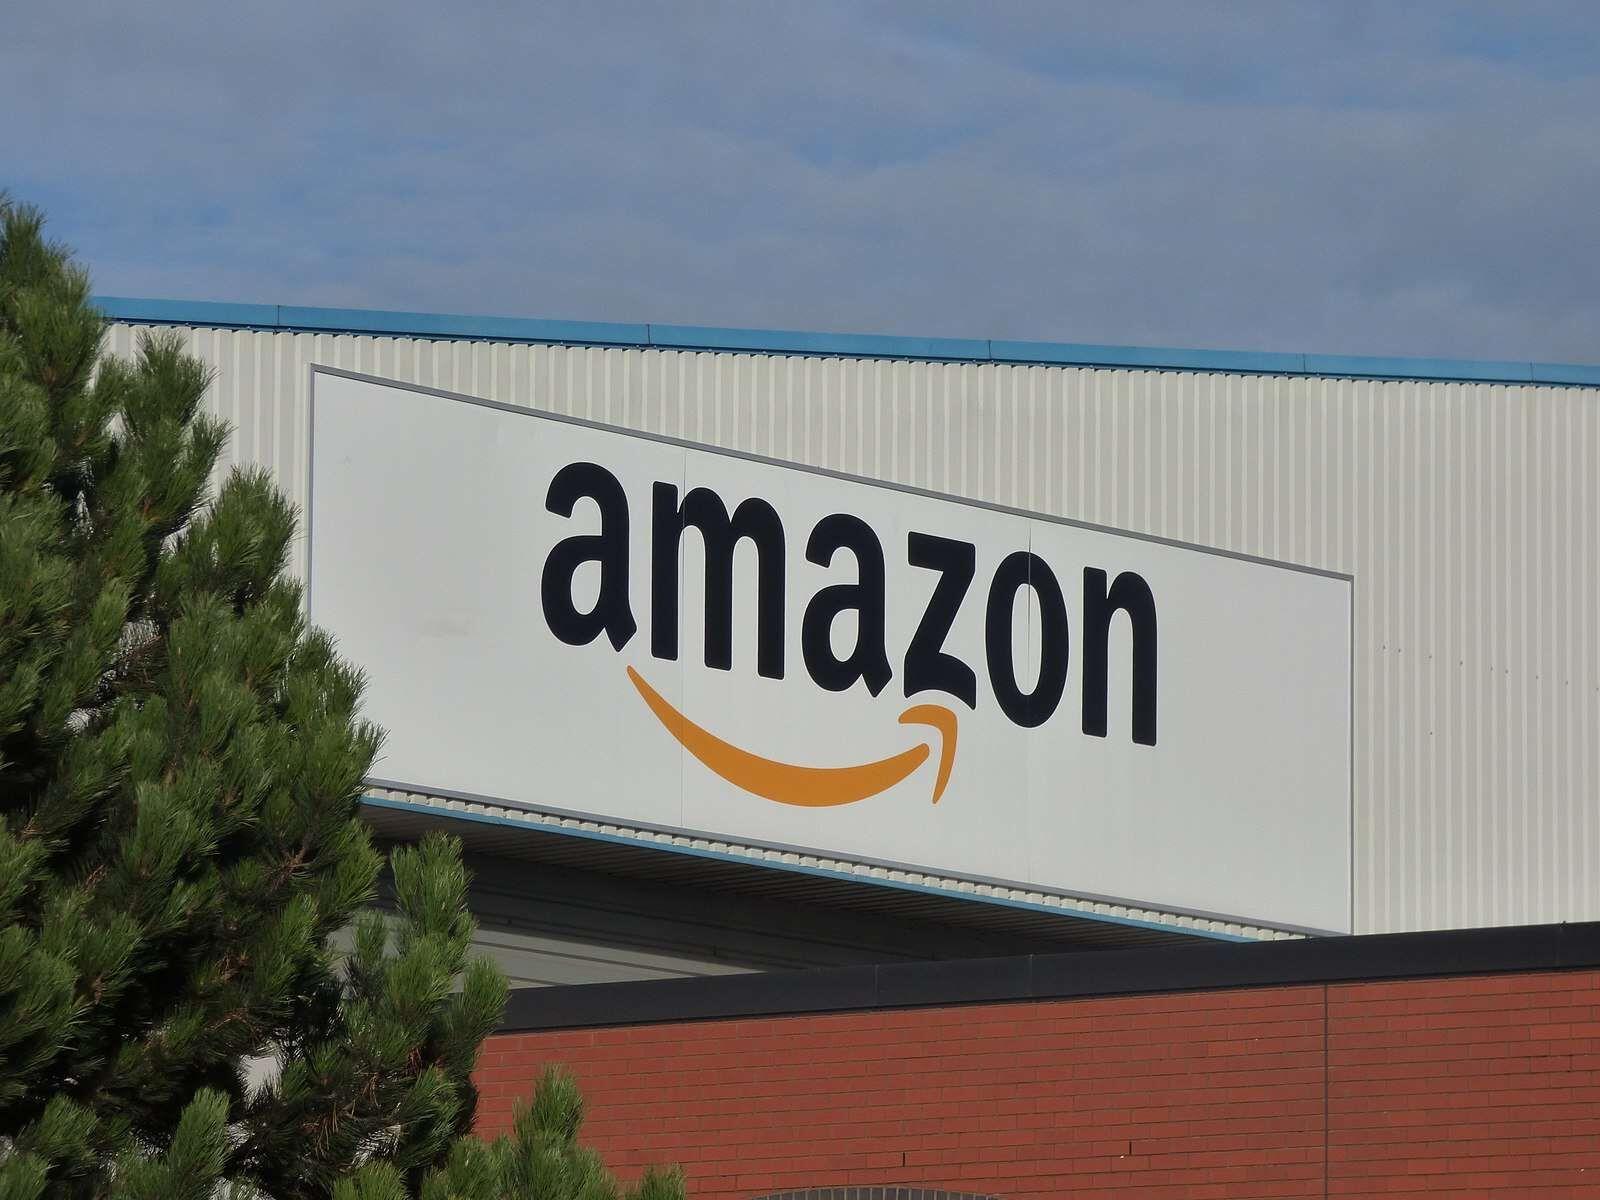 Le fondateur d'Amazon et multimilliardaire Jeff Bezos a invité, le 1er juillet, Wally Funk à l'accompagner, lui, son frère et Oliver Daemen, pour le premier vol spatial habité de Blue Origin.